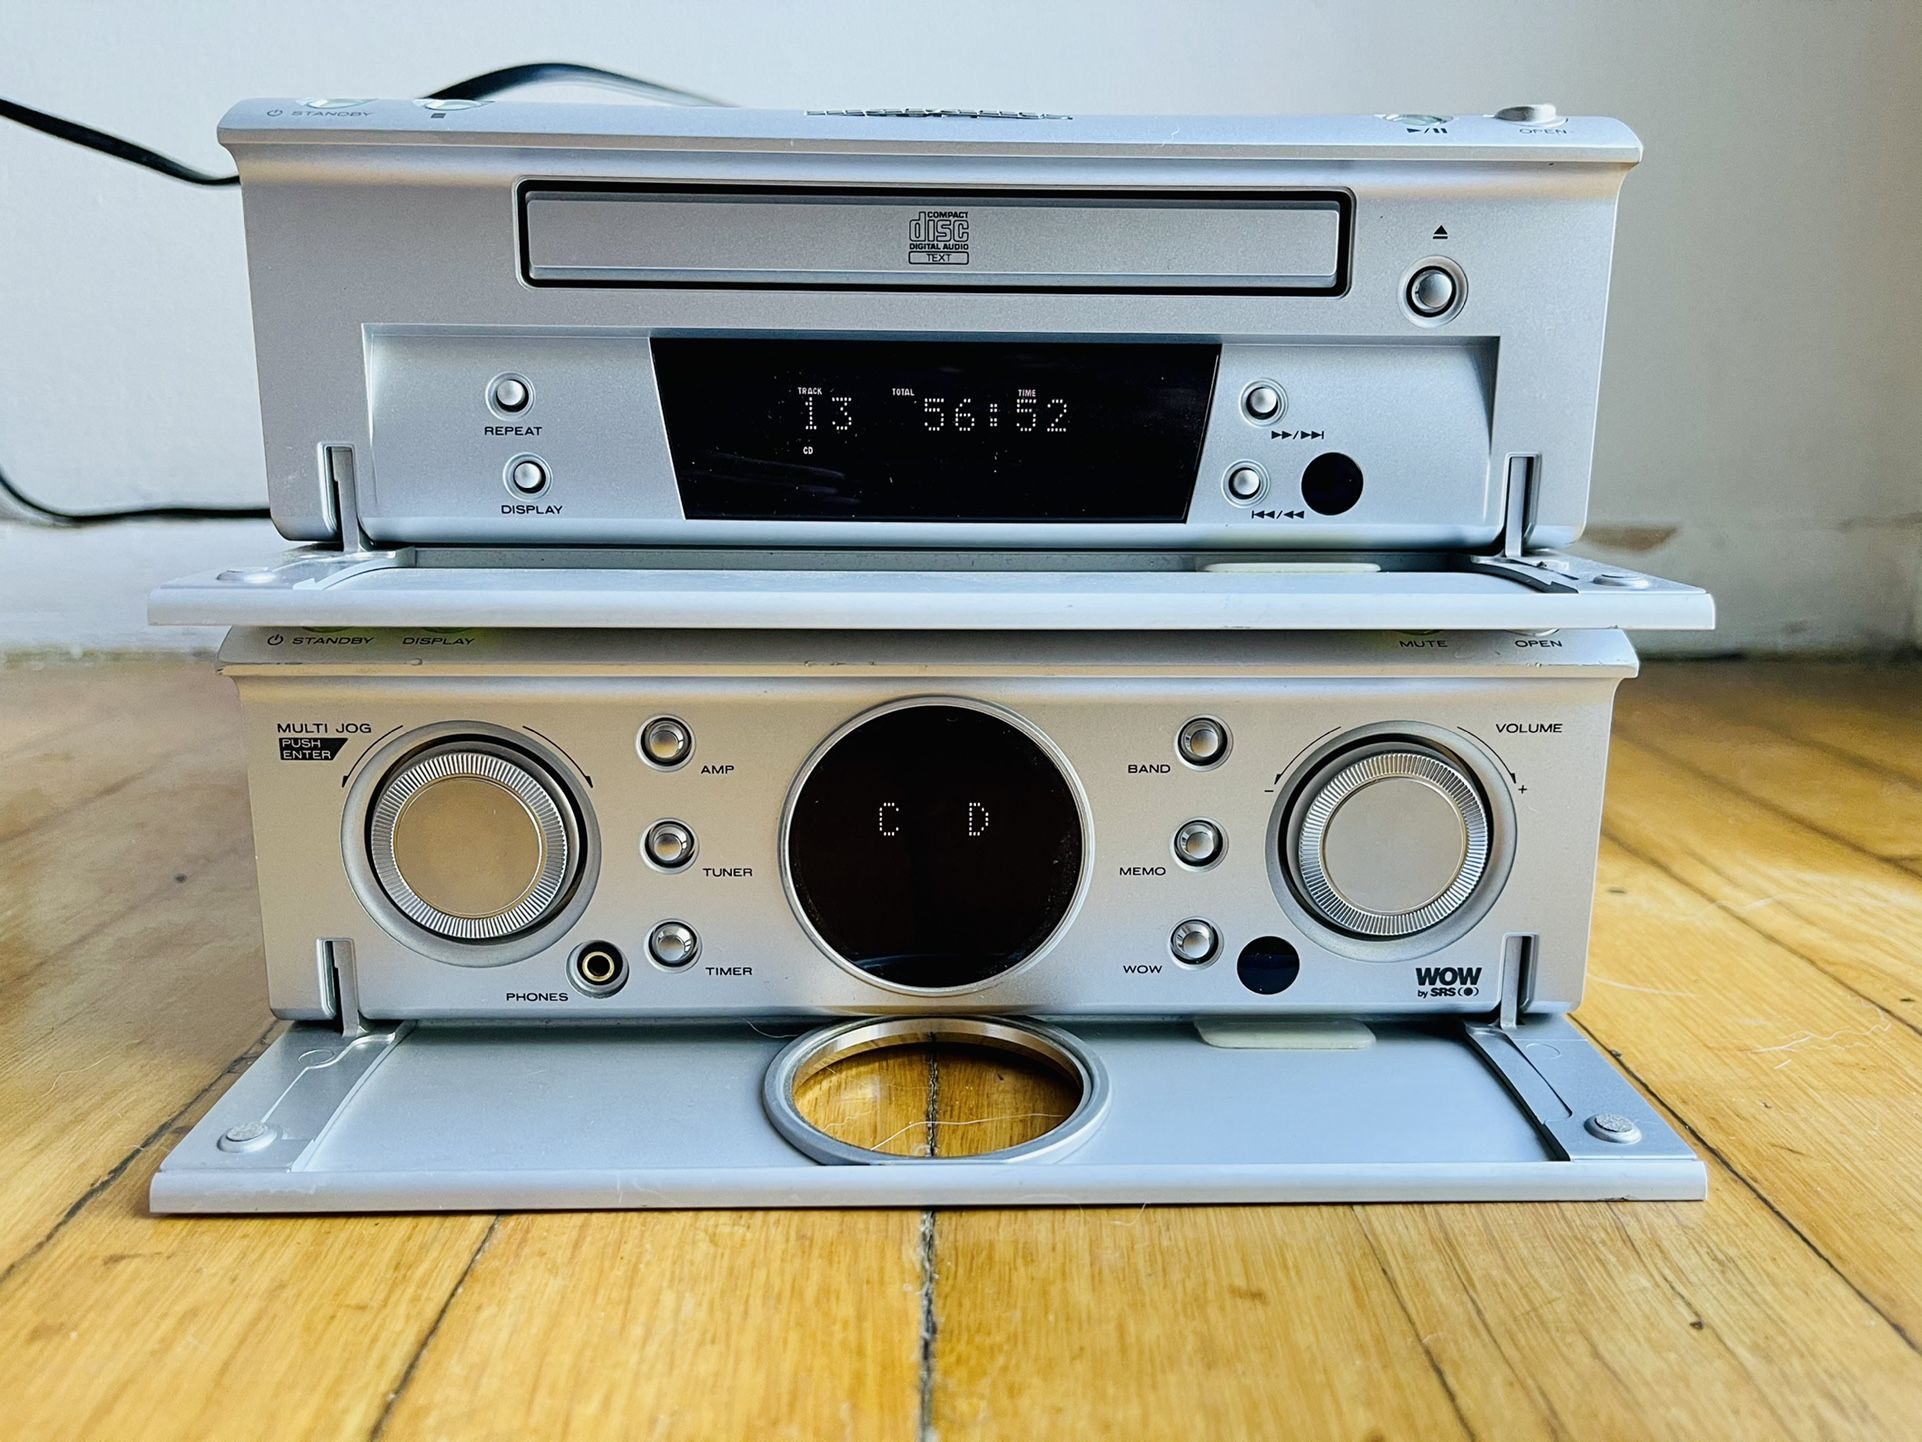 Marantz CD110 with Amplifier, Tuner SR110